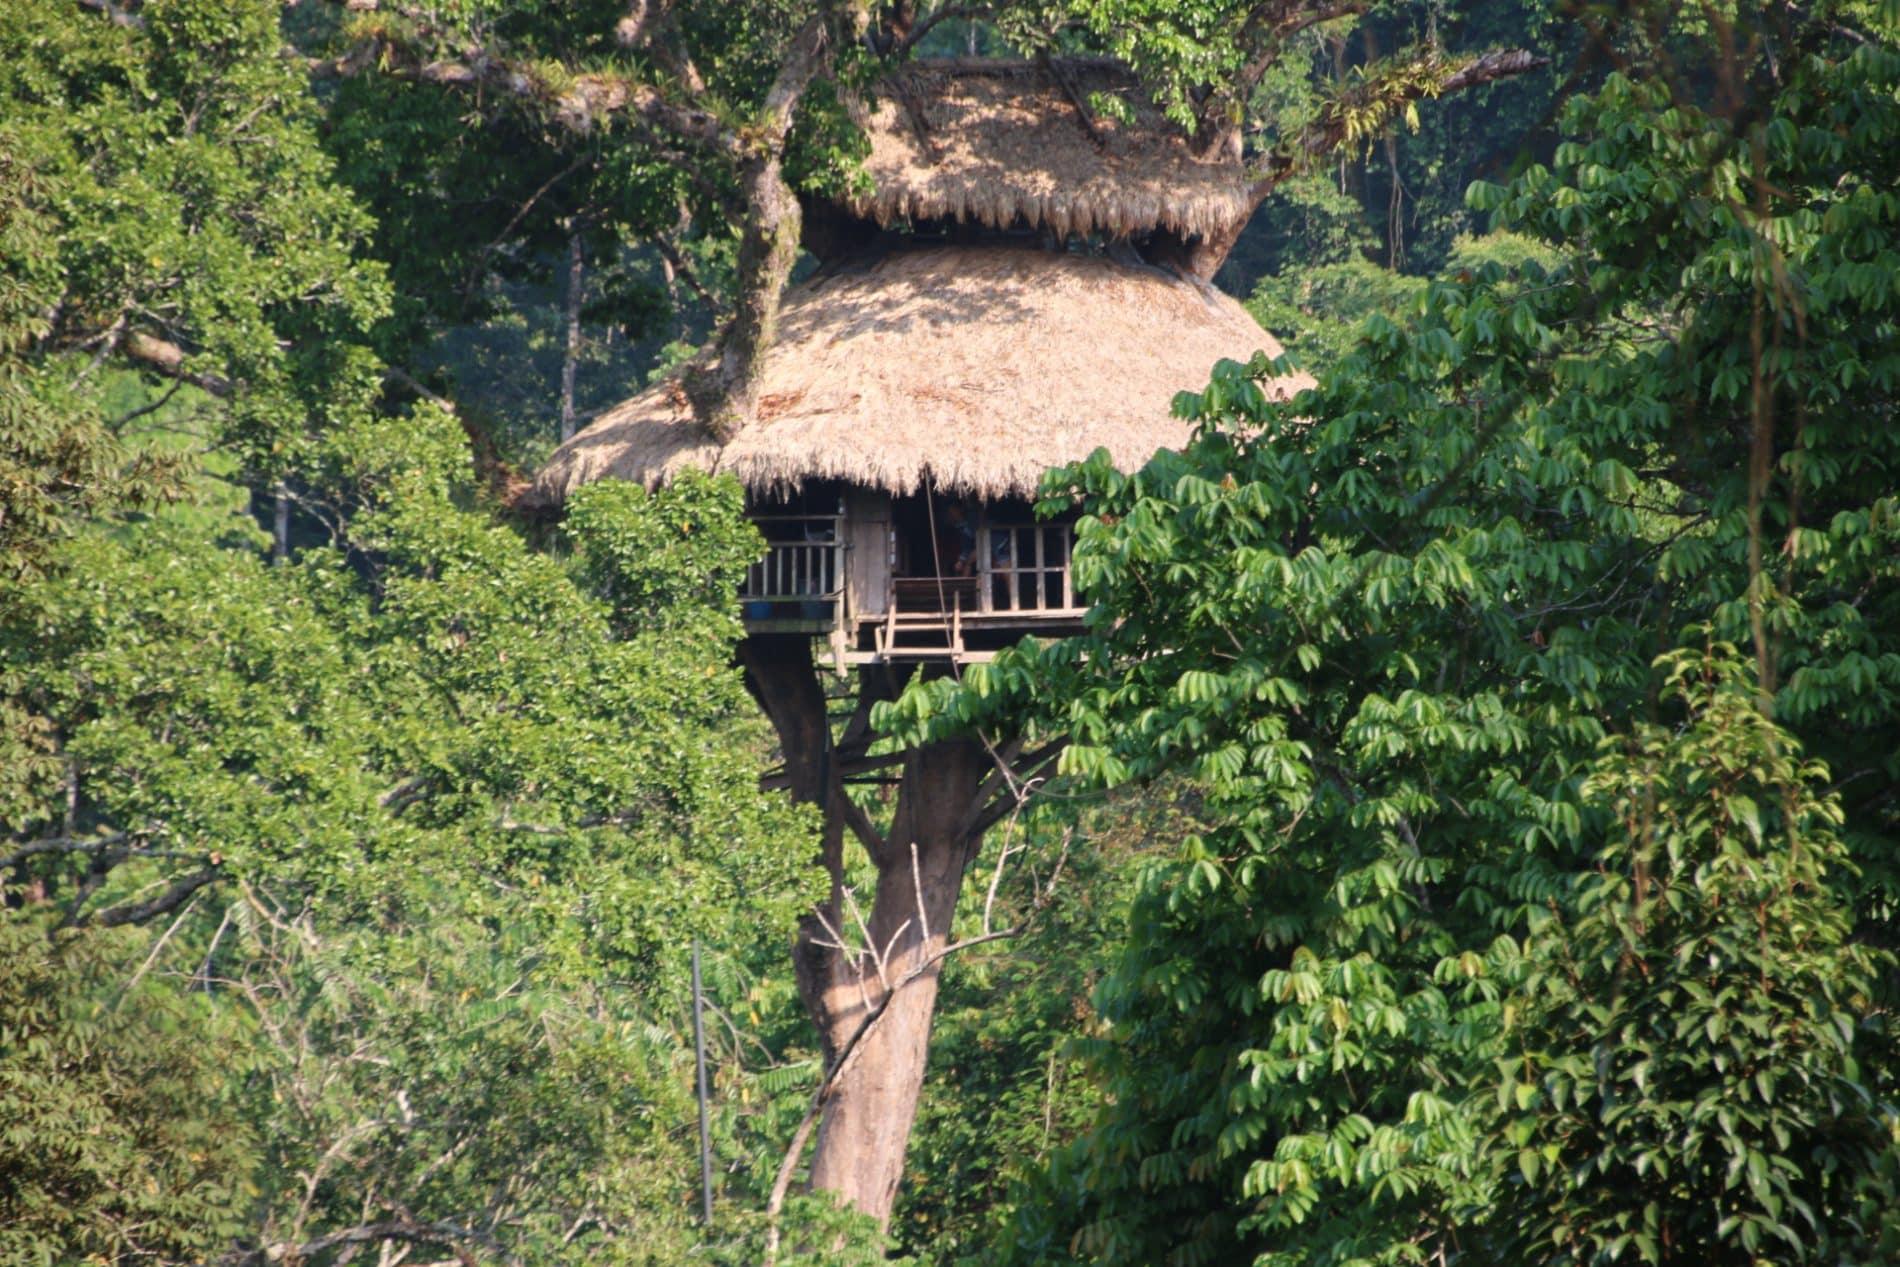 Laos-Mademoiselle Voyage-Gibbon experience-Huay Xai-13